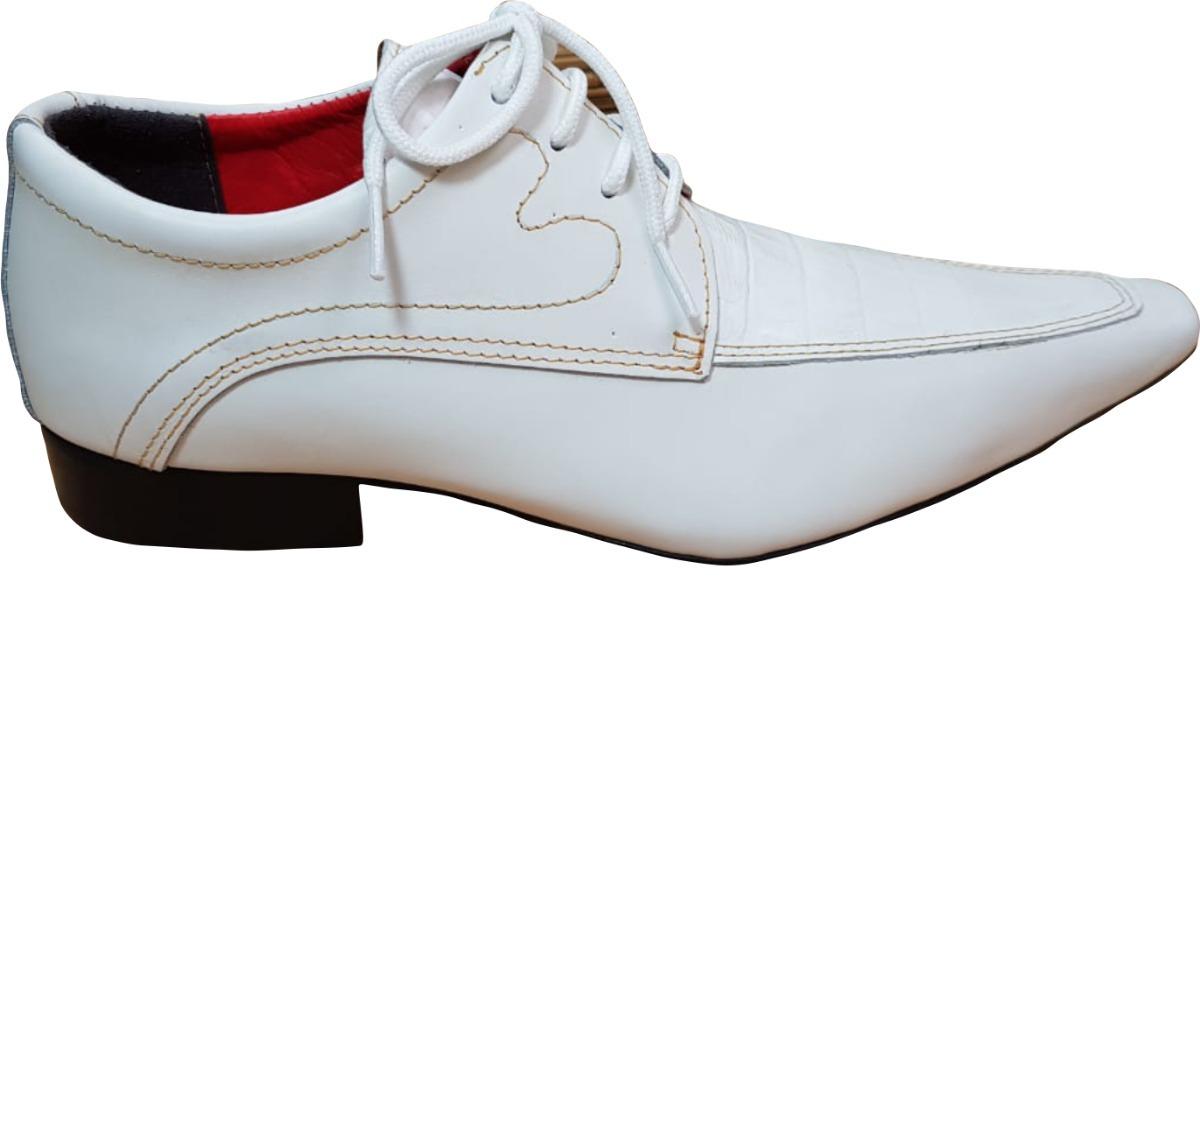 b6e9658e0 sapato masculino italiano couro branco ref. 637. Carregando zoom.